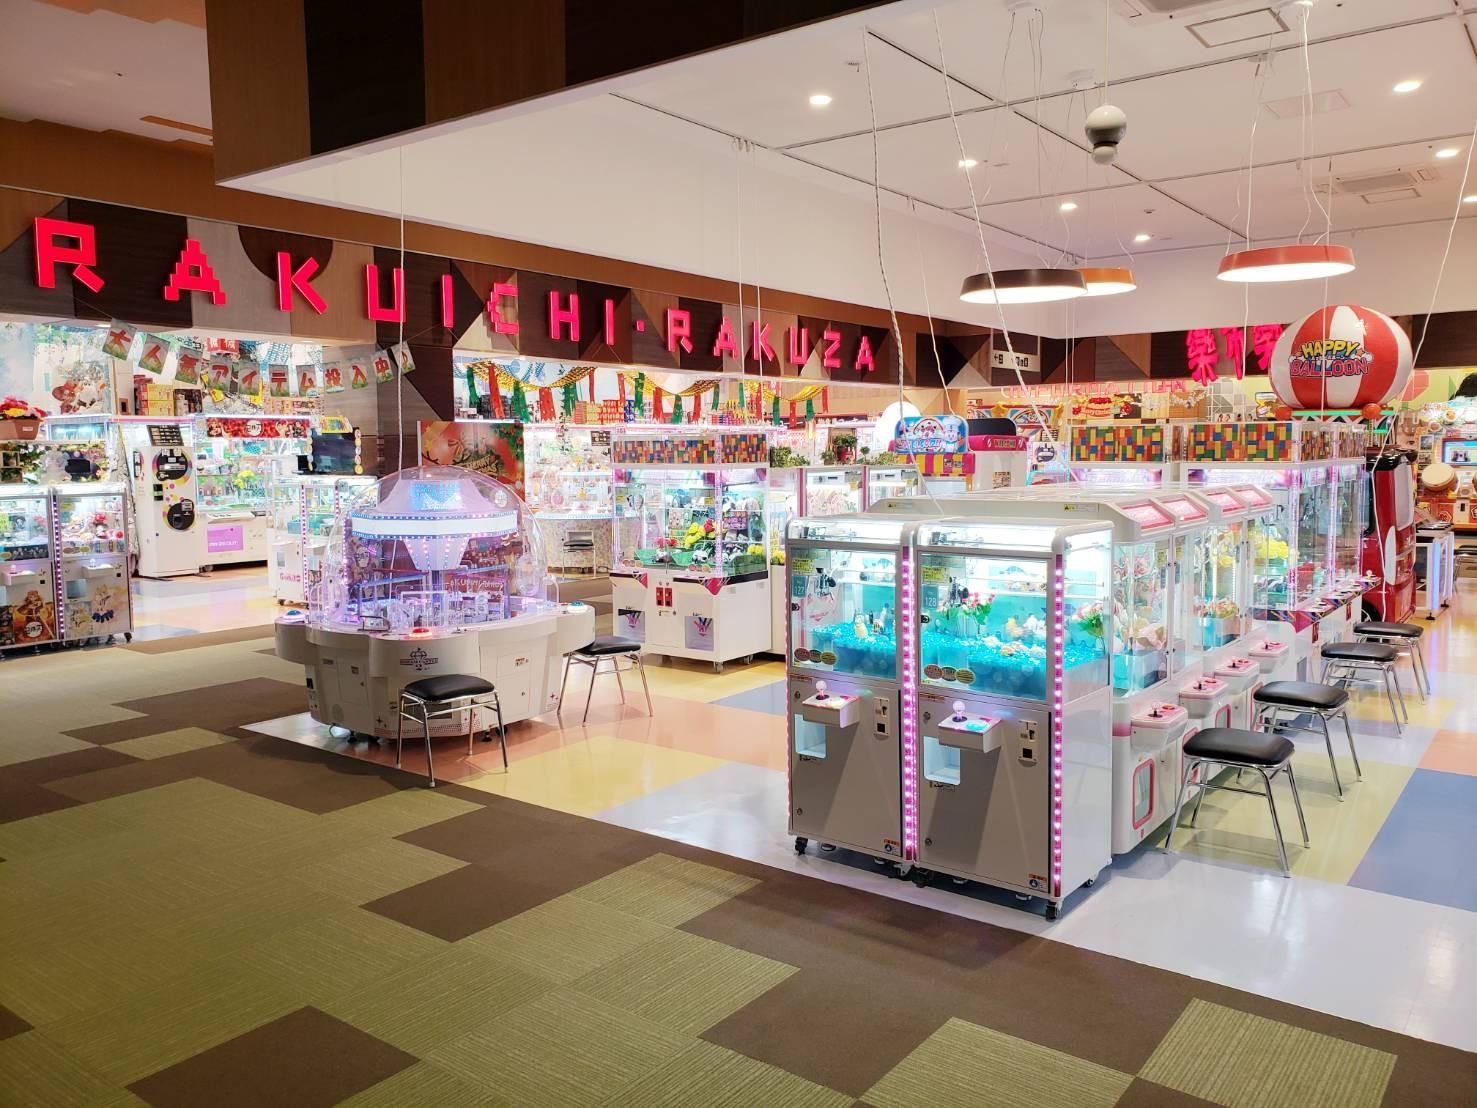 楽市楽座させぼ五番街店が11月19日(木)よりリニューアルオープンしました!